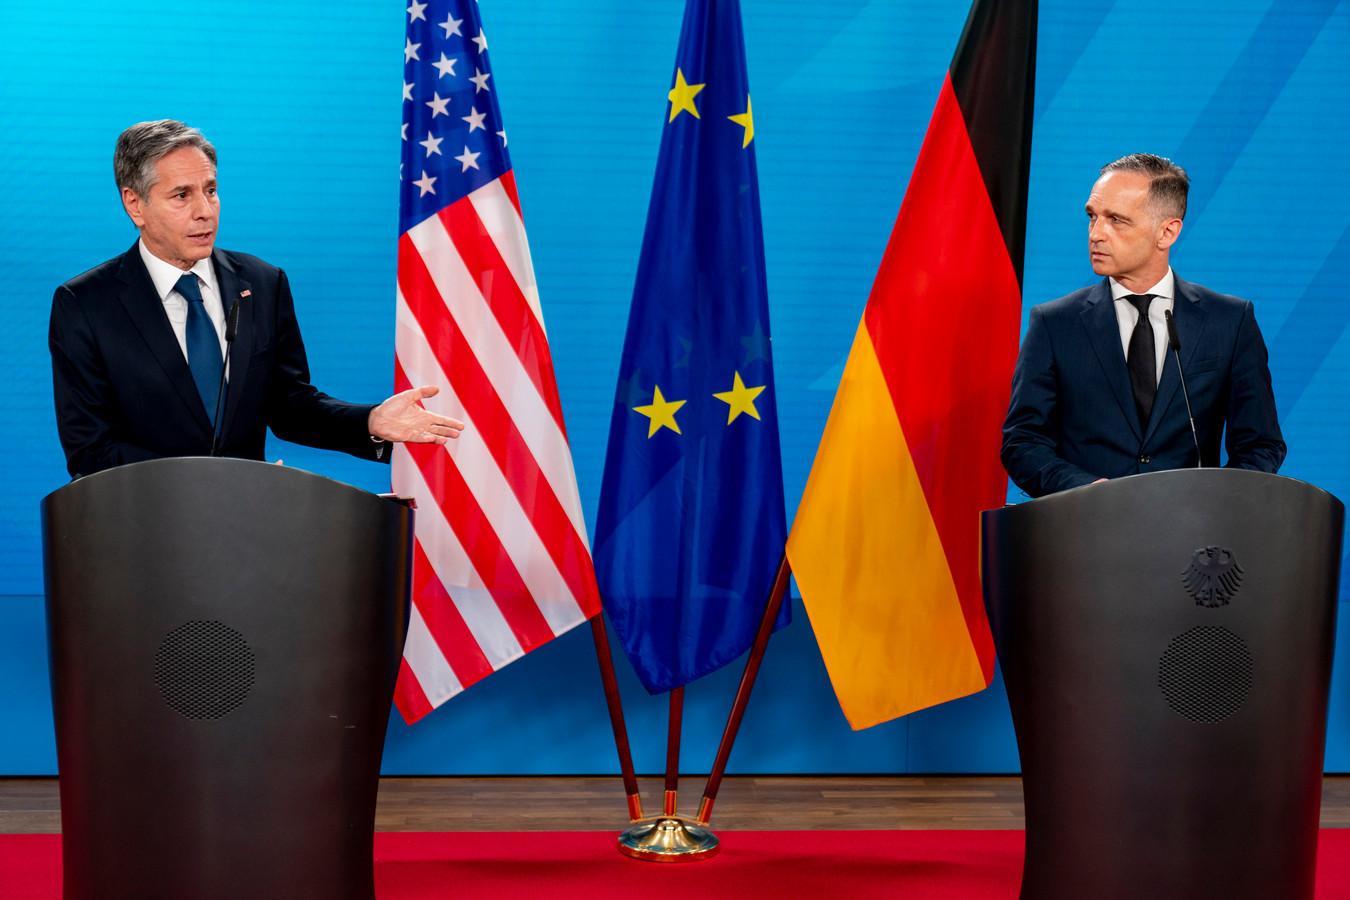 Le secrétaire d'État américain Antony Blinken et son homologue allemand Heiko Maas (Berlin, 23 juin)